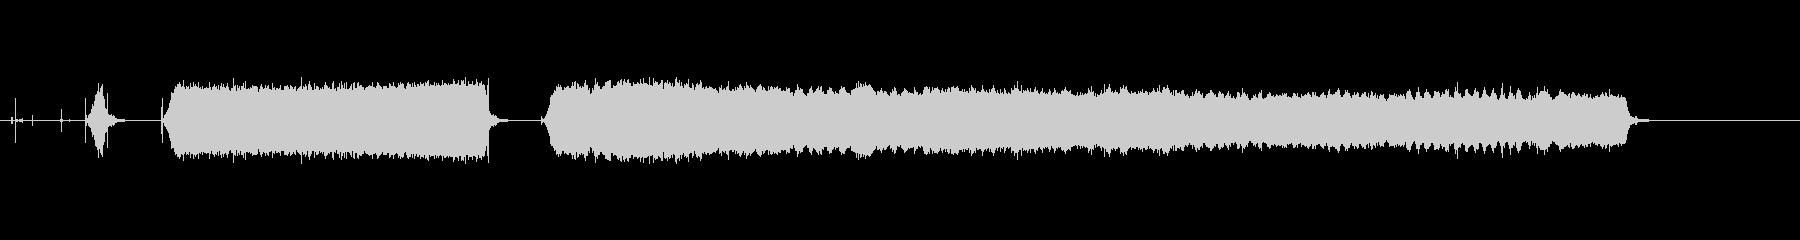 ヘアドライヤーシーケンスの未再生の波形